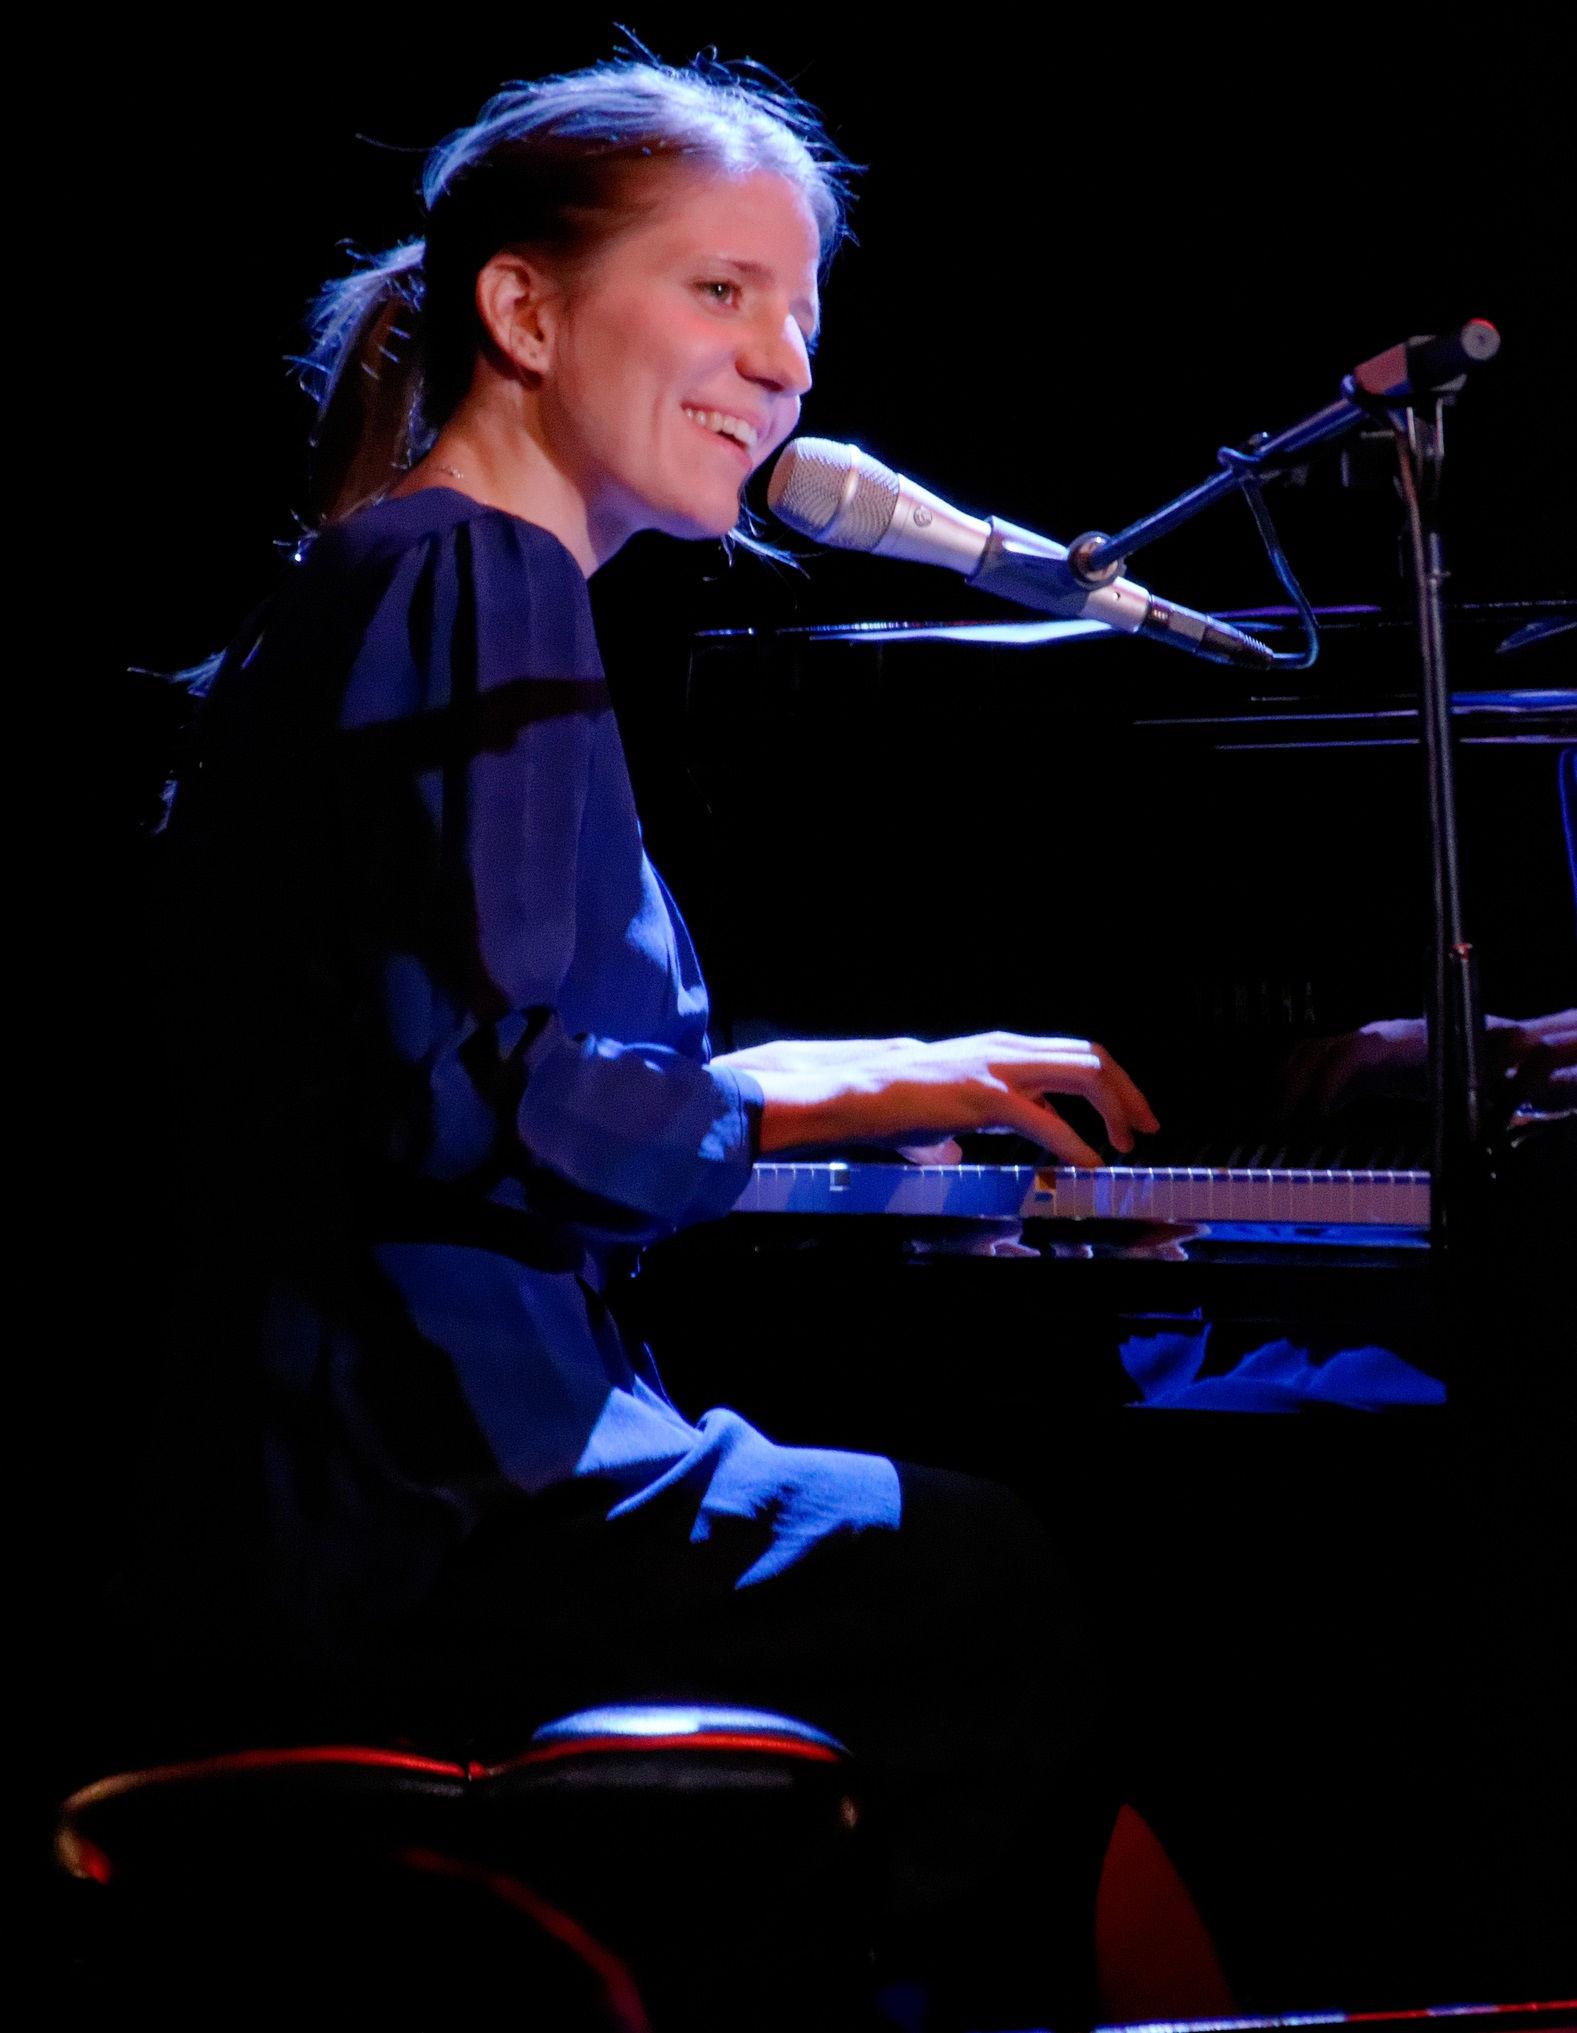 Photo of Markéta Irglová: Czech singer-songwriter, musician and actress